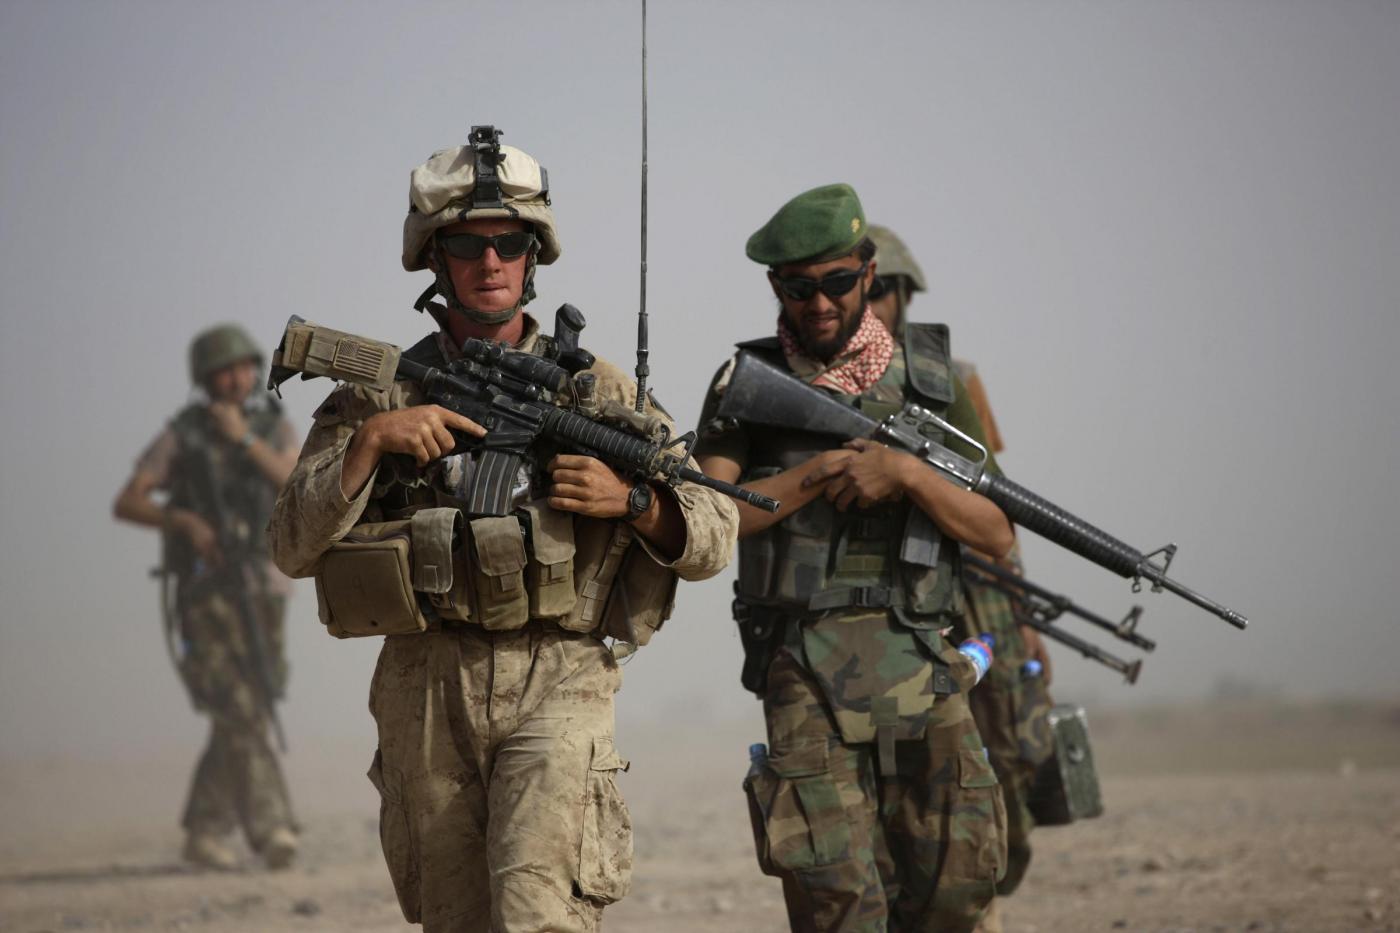 Italia in Afghanistan con più soldati |